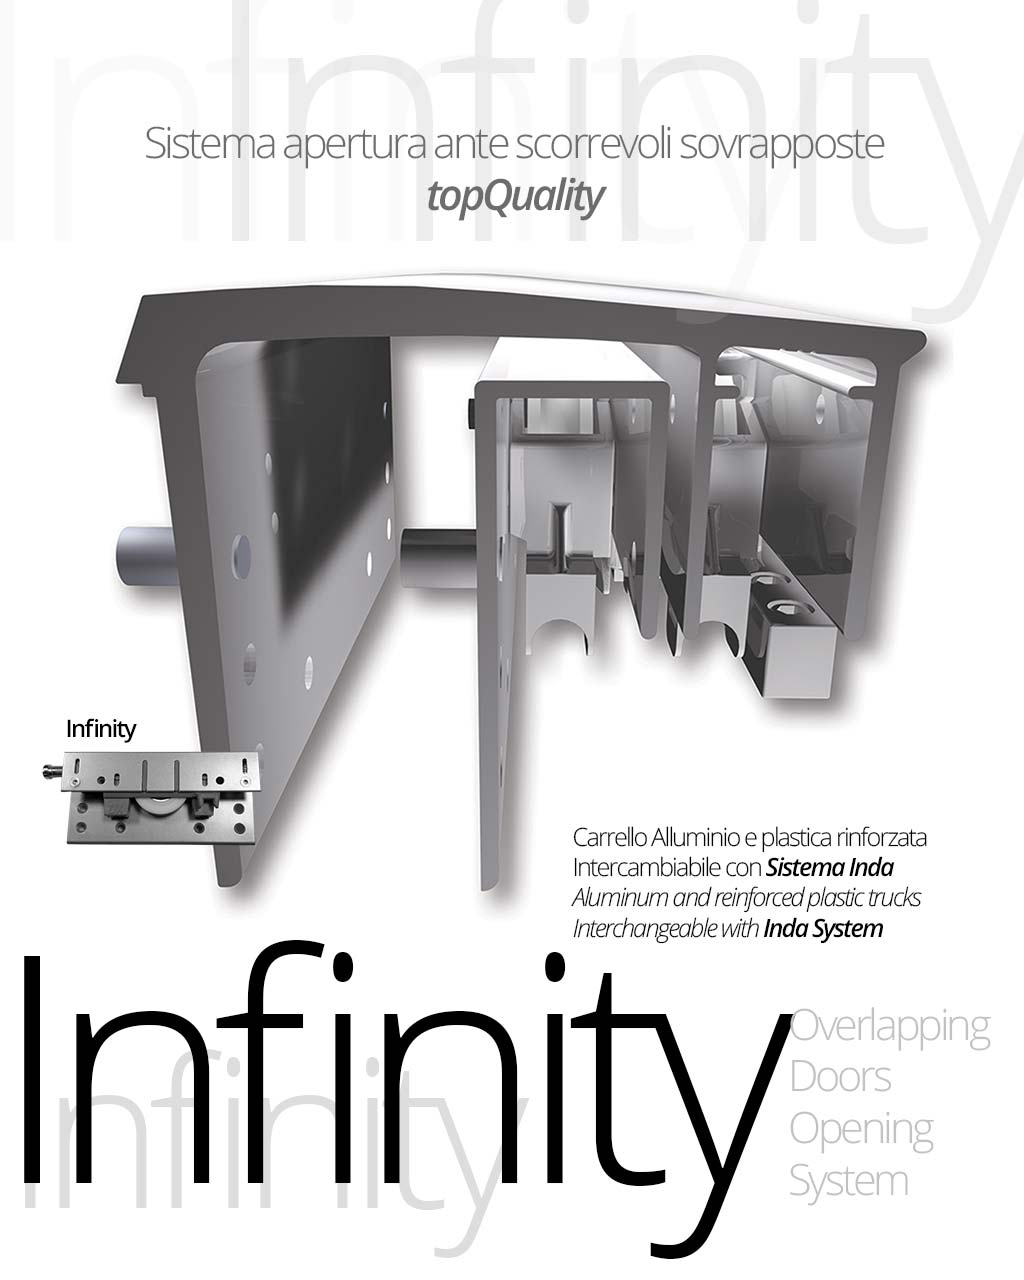 infinity-28x35